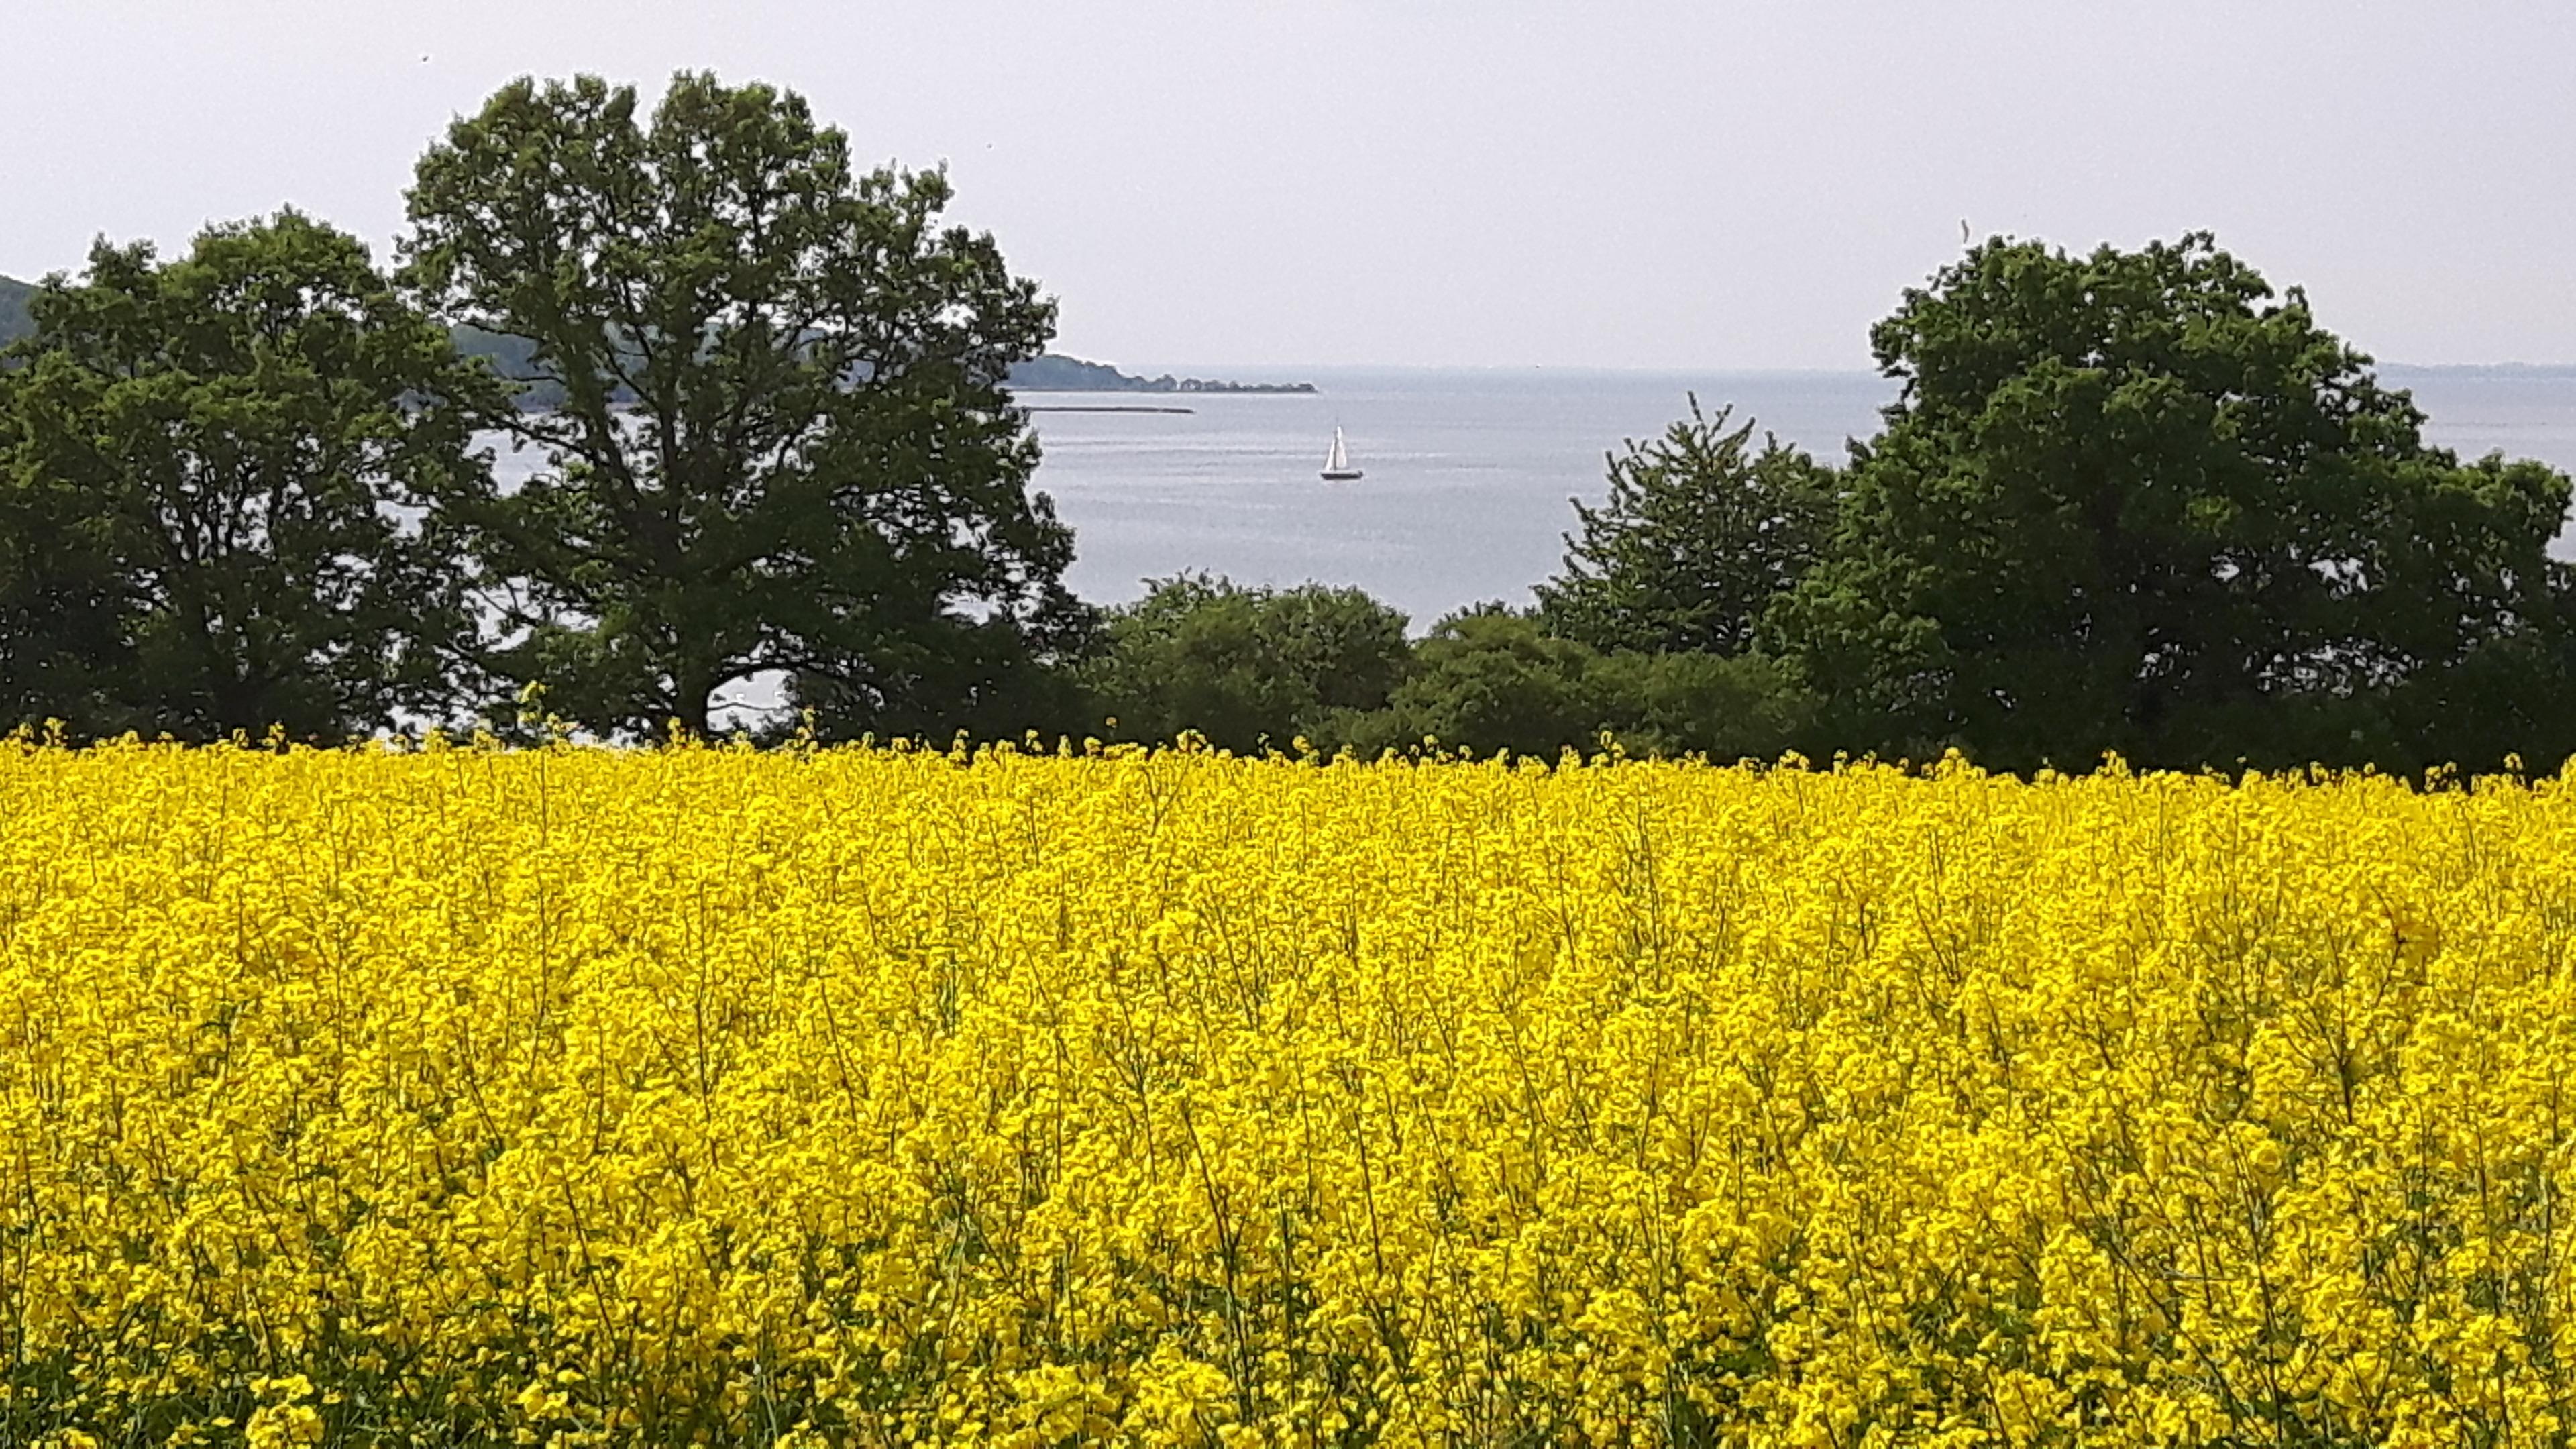 Ferienwohnung Dünenhaus mit Meerblick, Schwimmbadnutzung inklusive (2568191), Göhren, Rügen, Mecklenburg-Vorpommern, Deutschland, Bild 20